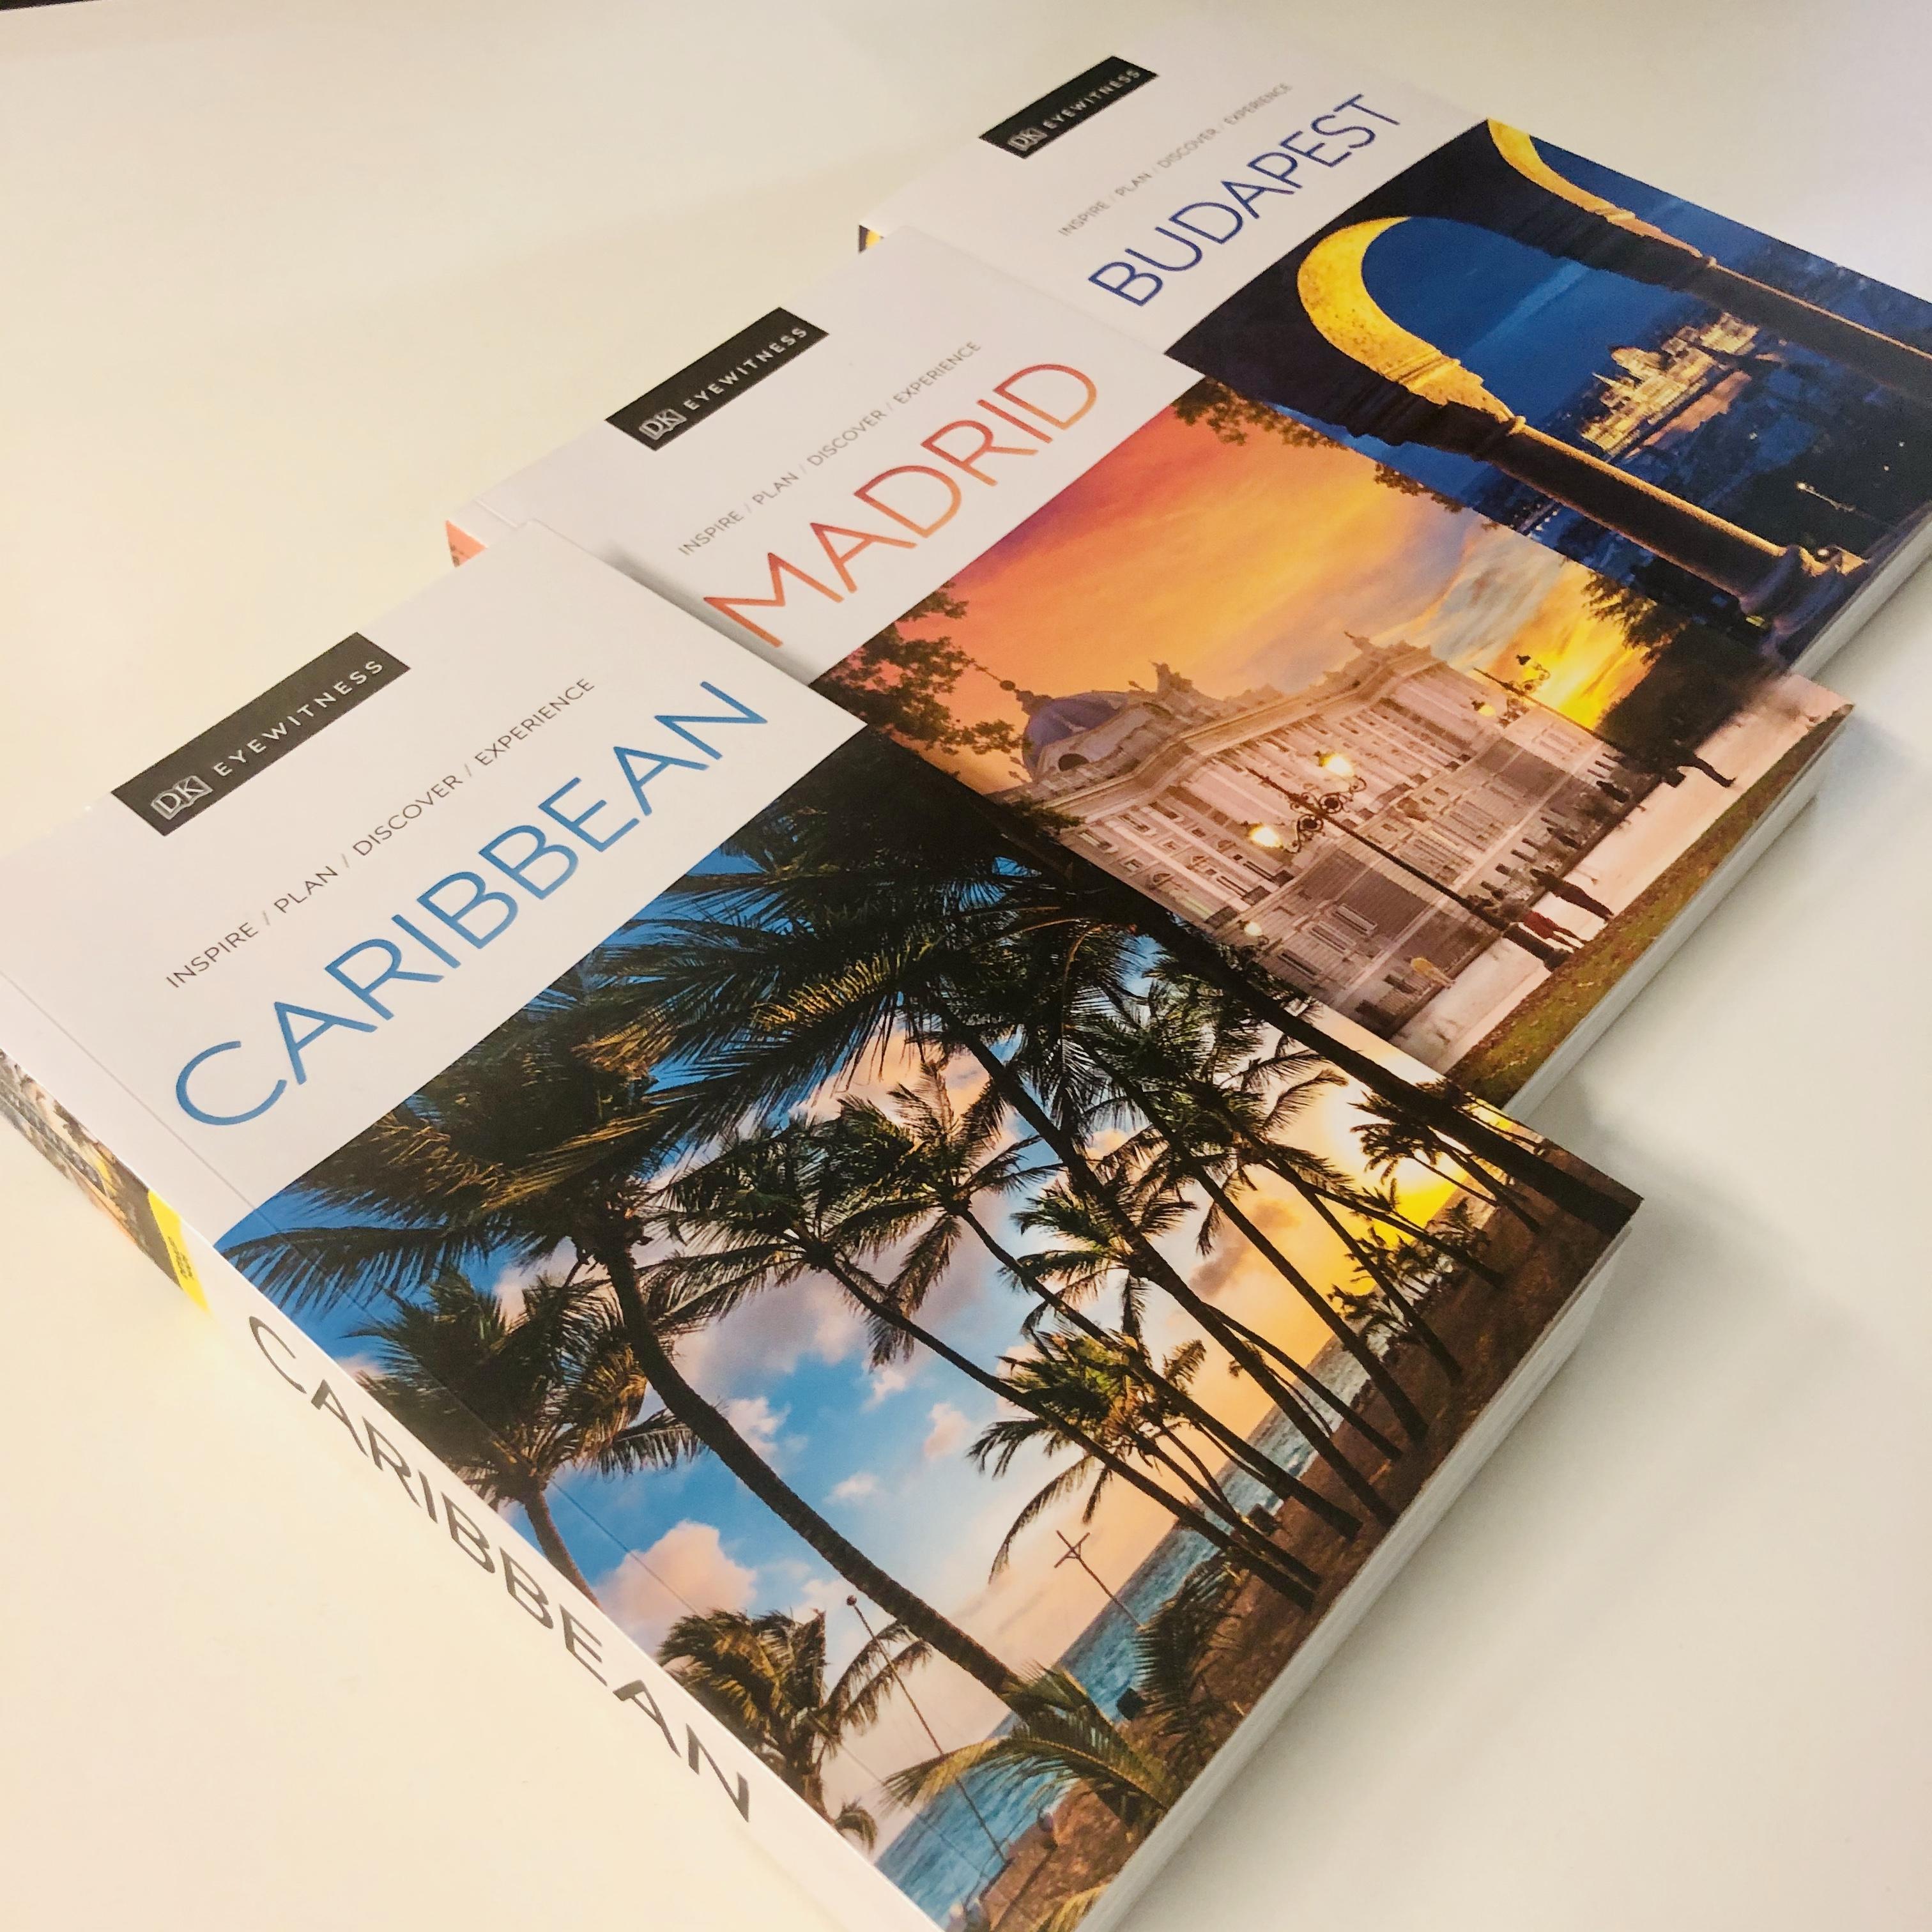 DK Eyewitness Travel Guides